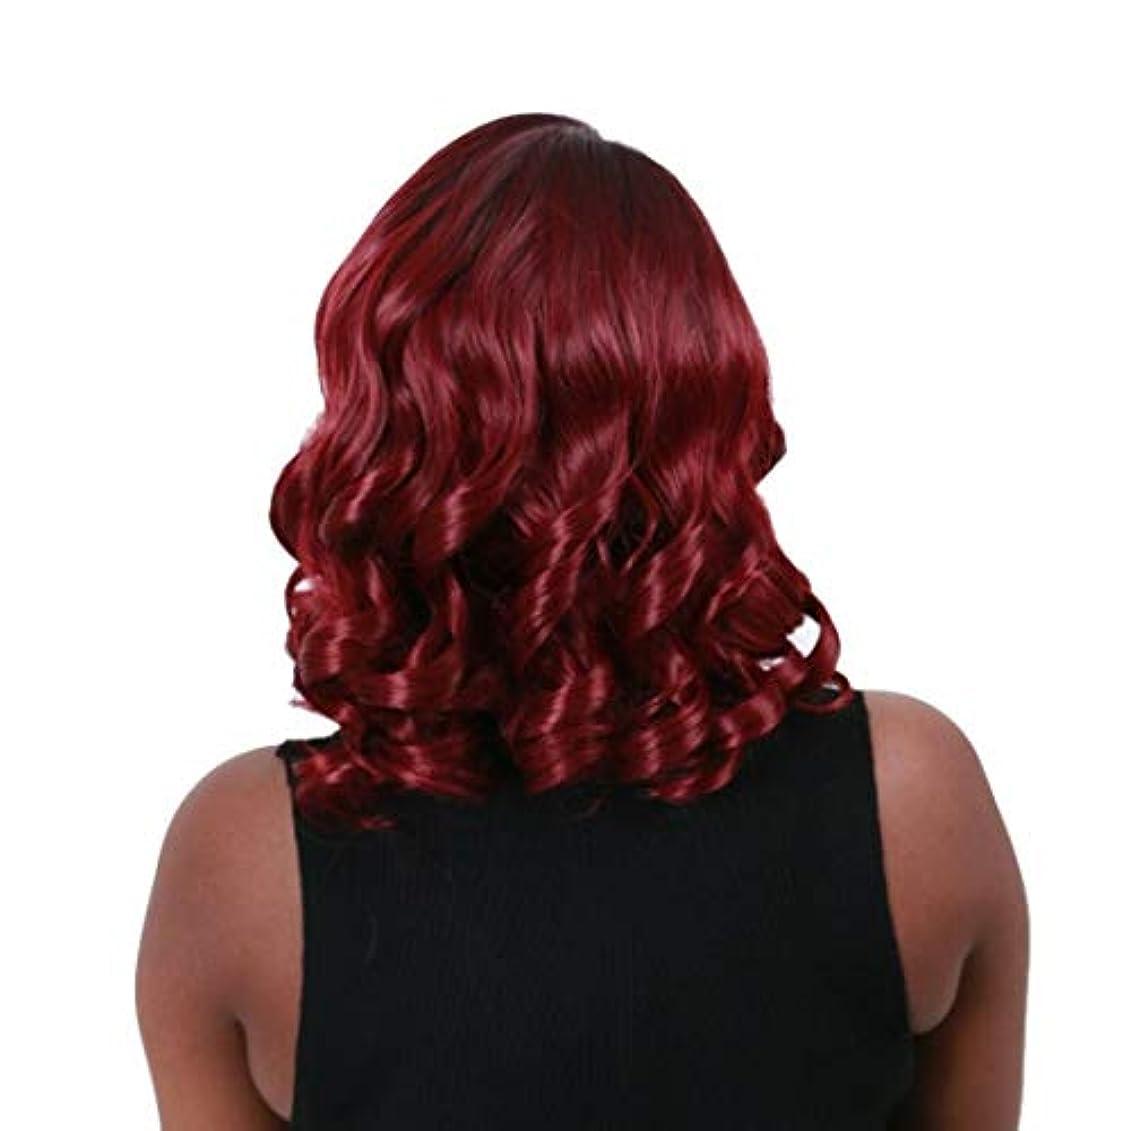 健全ほとんどない見物人Summerys 女性のための短い波状の合成かつらかつら短いふわふわボブ変態